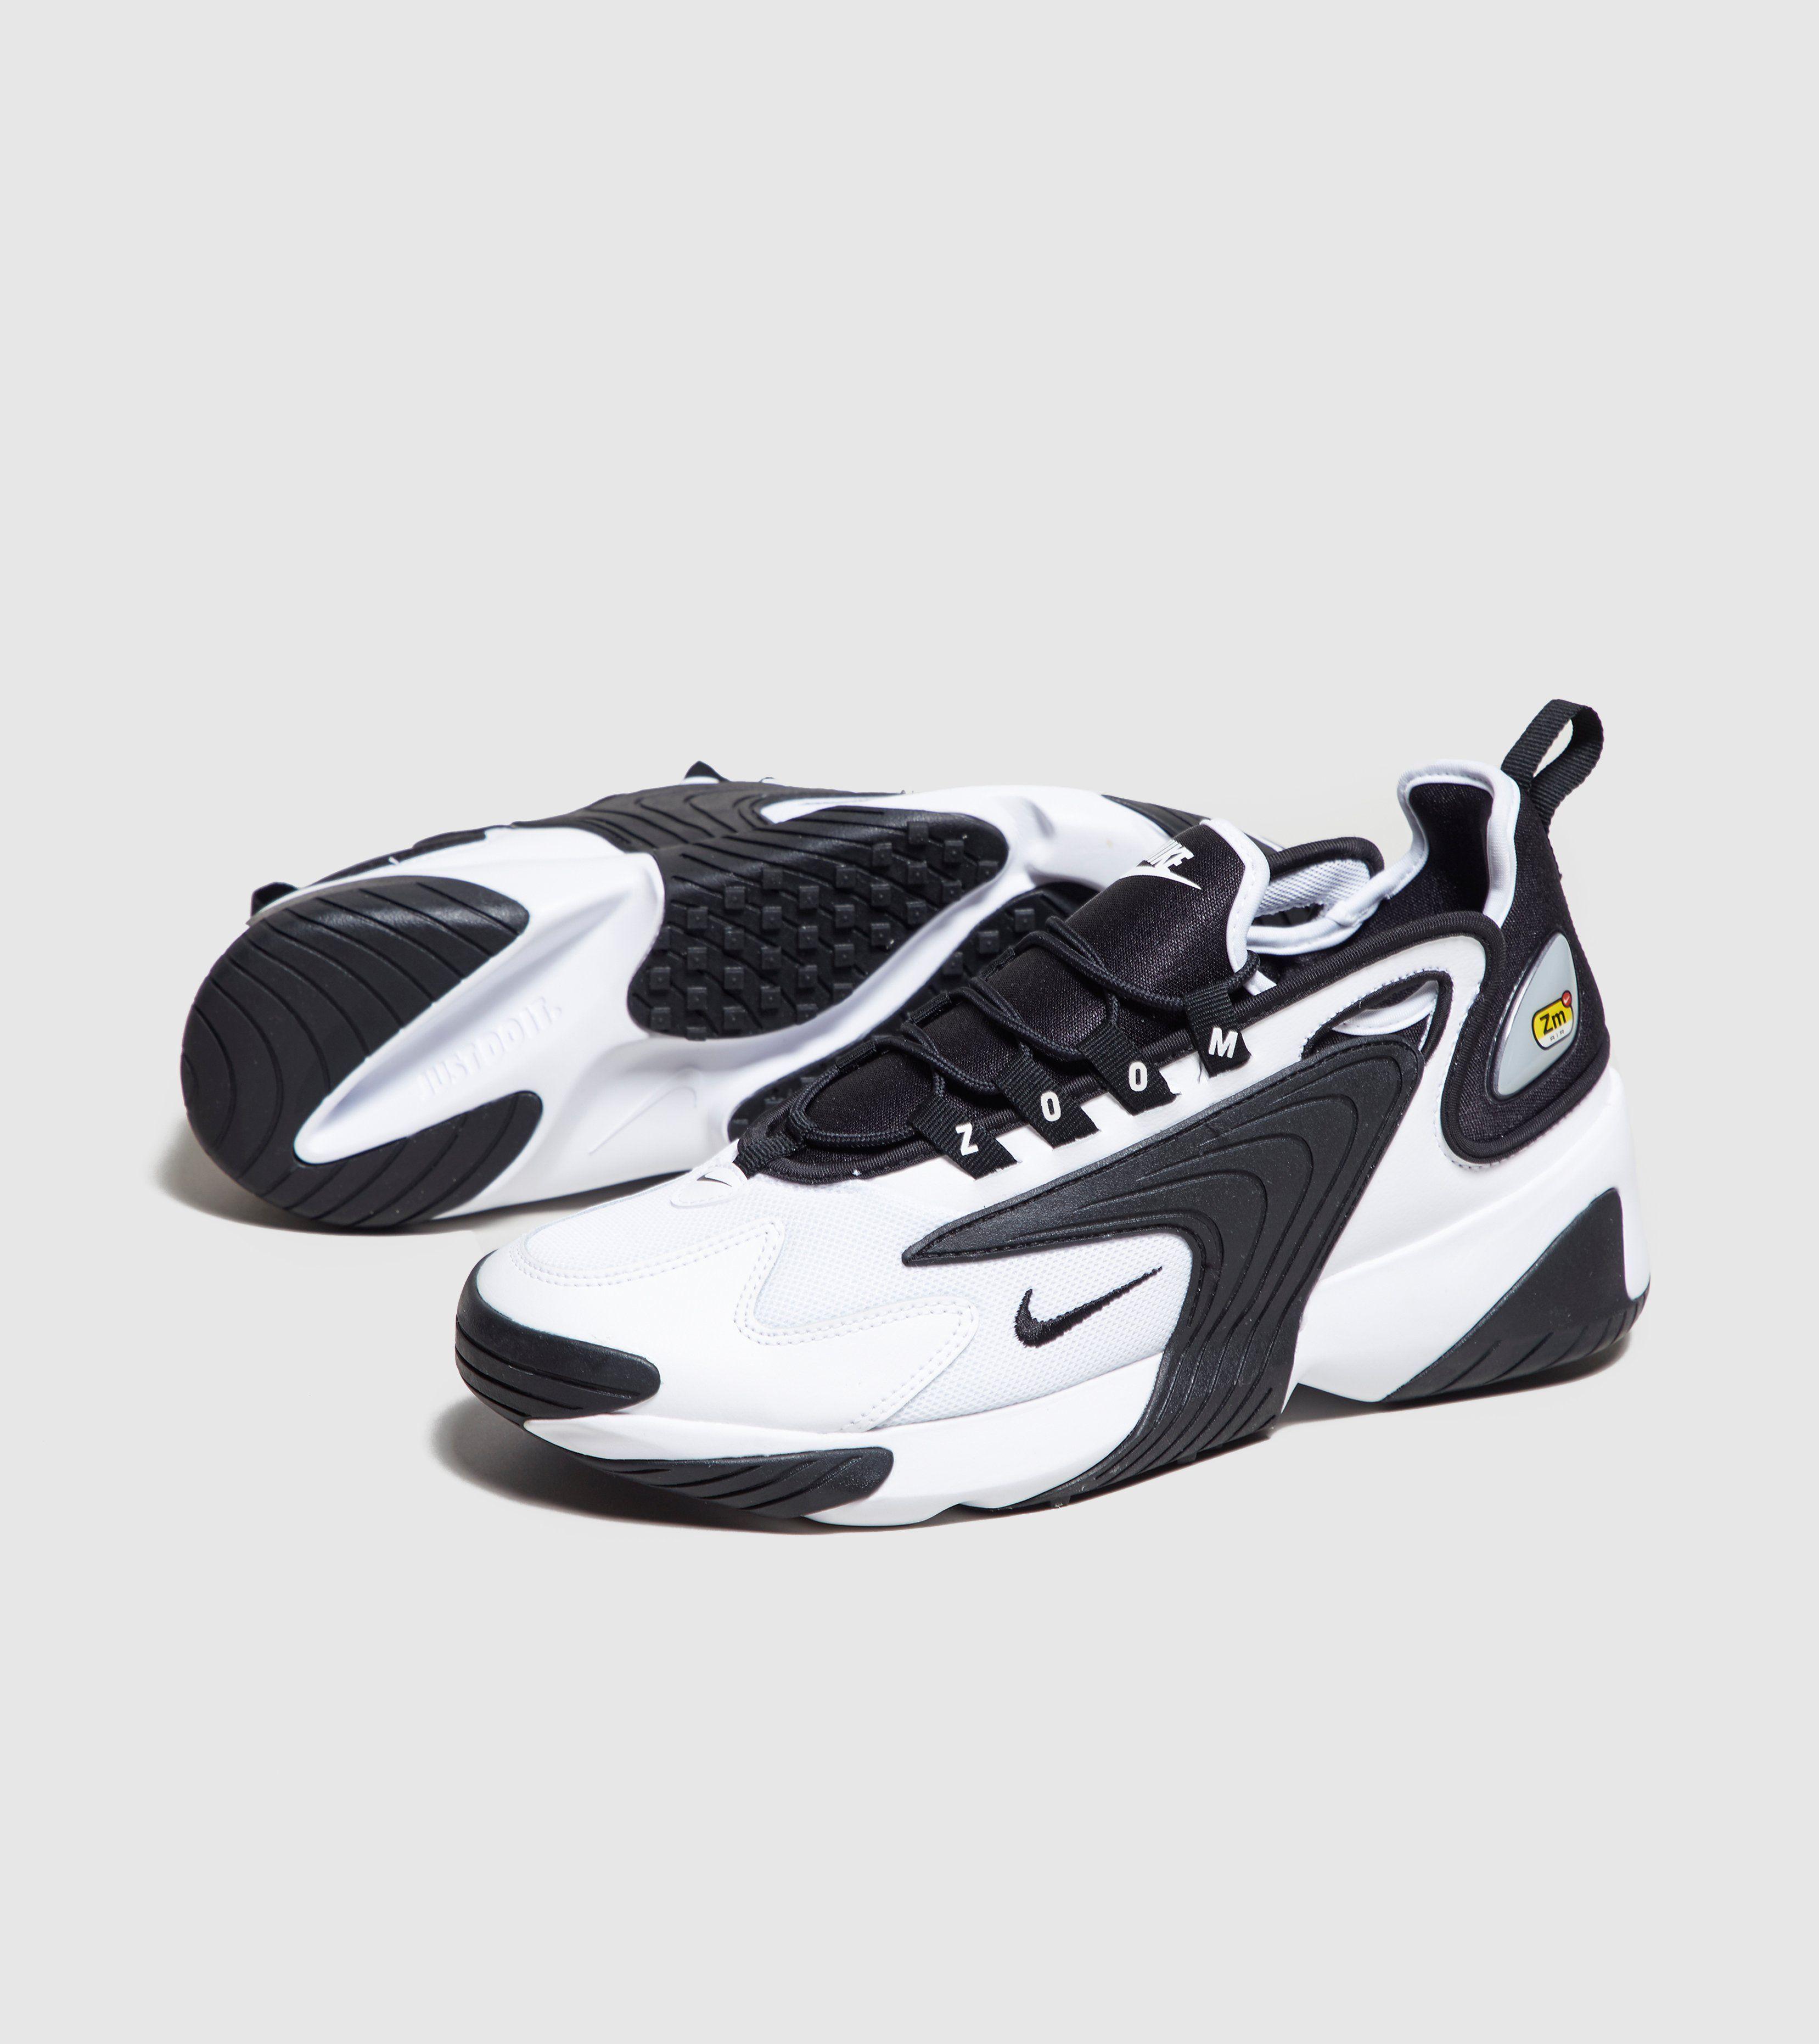 Nike Zoom 2k Size